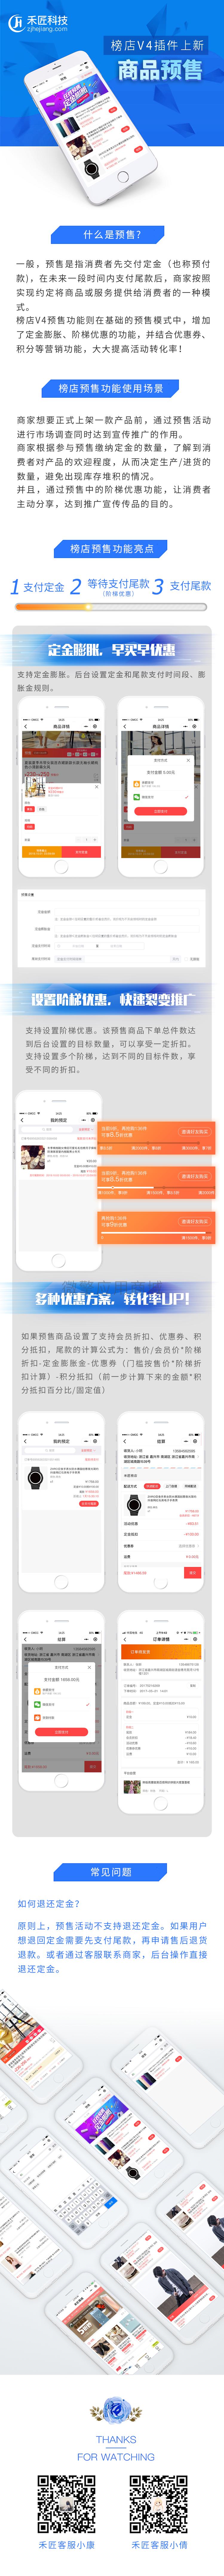 禾匠-榜店商城小程序V4_4.2.13(独立5端版)-52资源网